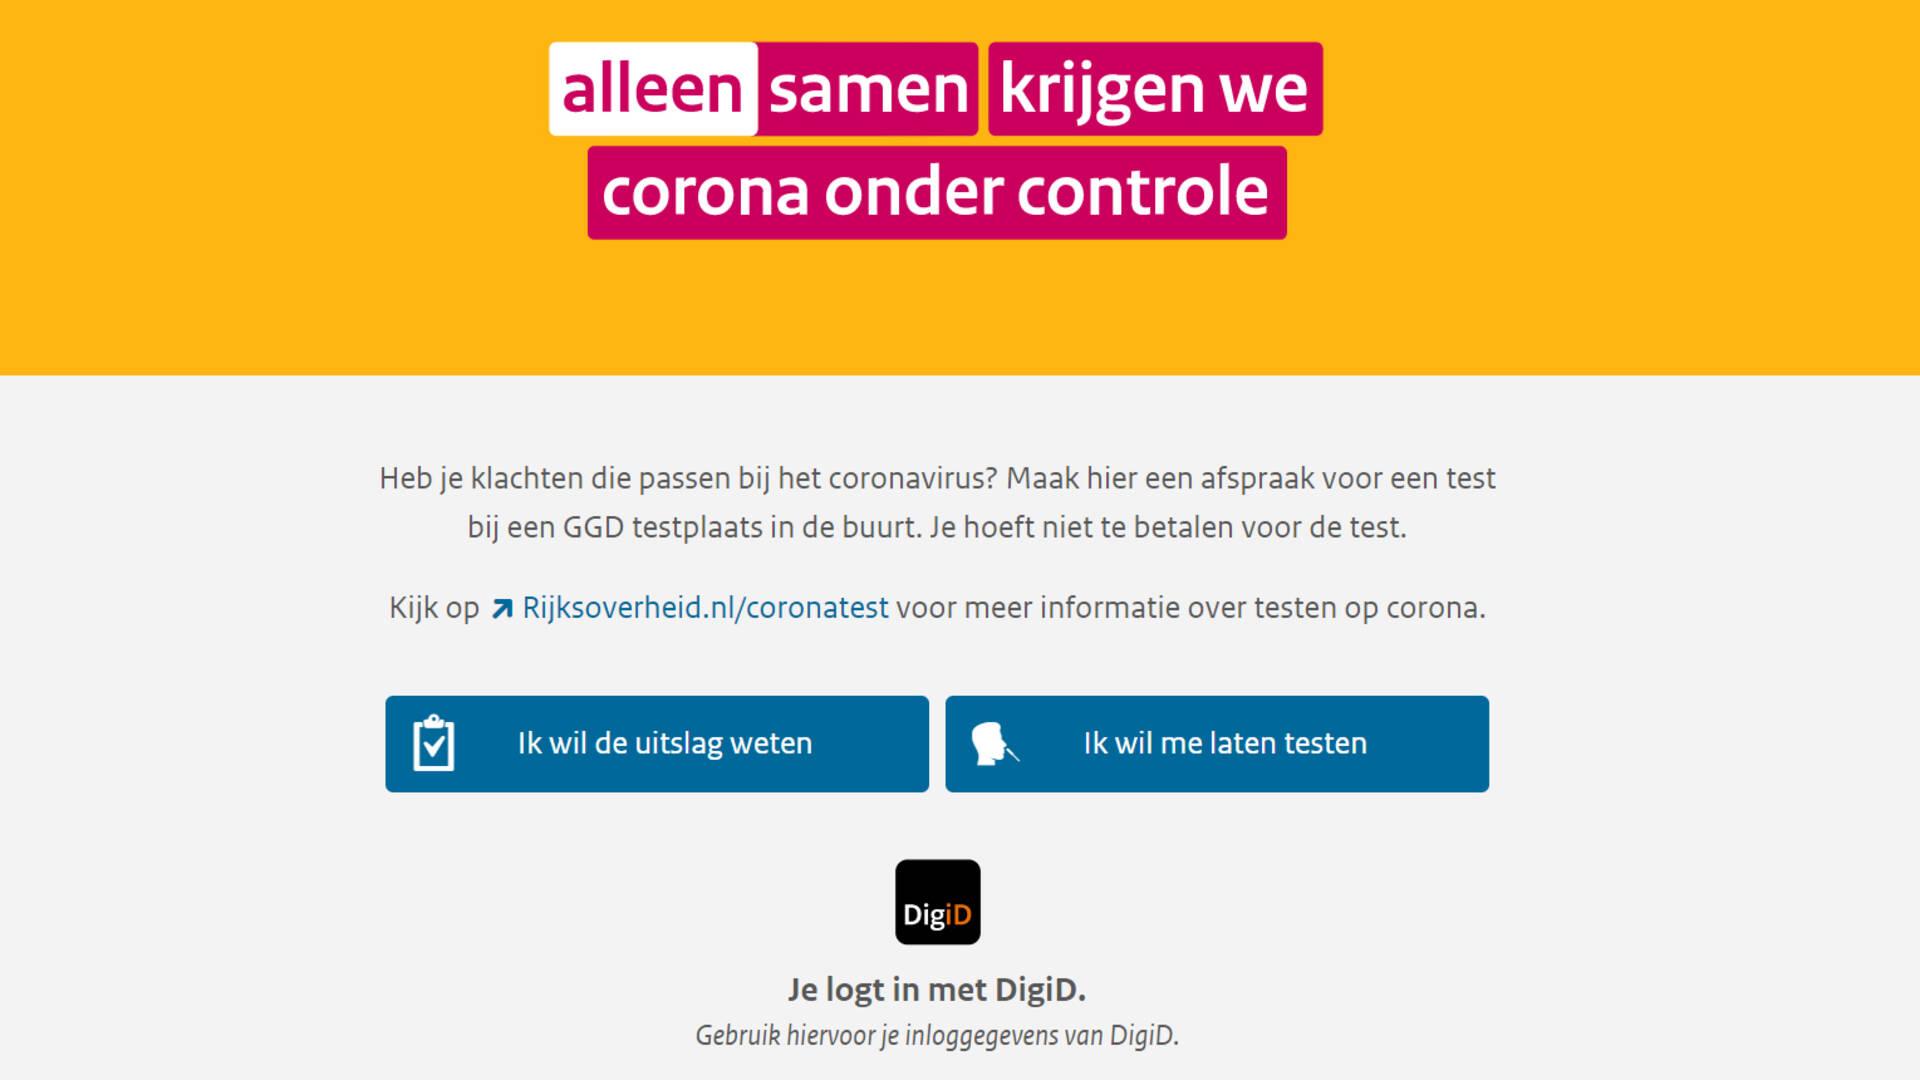 موقع اختبار كورونا عبر الإنترنت: الفرز الرقمي وتسجيل الدخول عبر DigiD